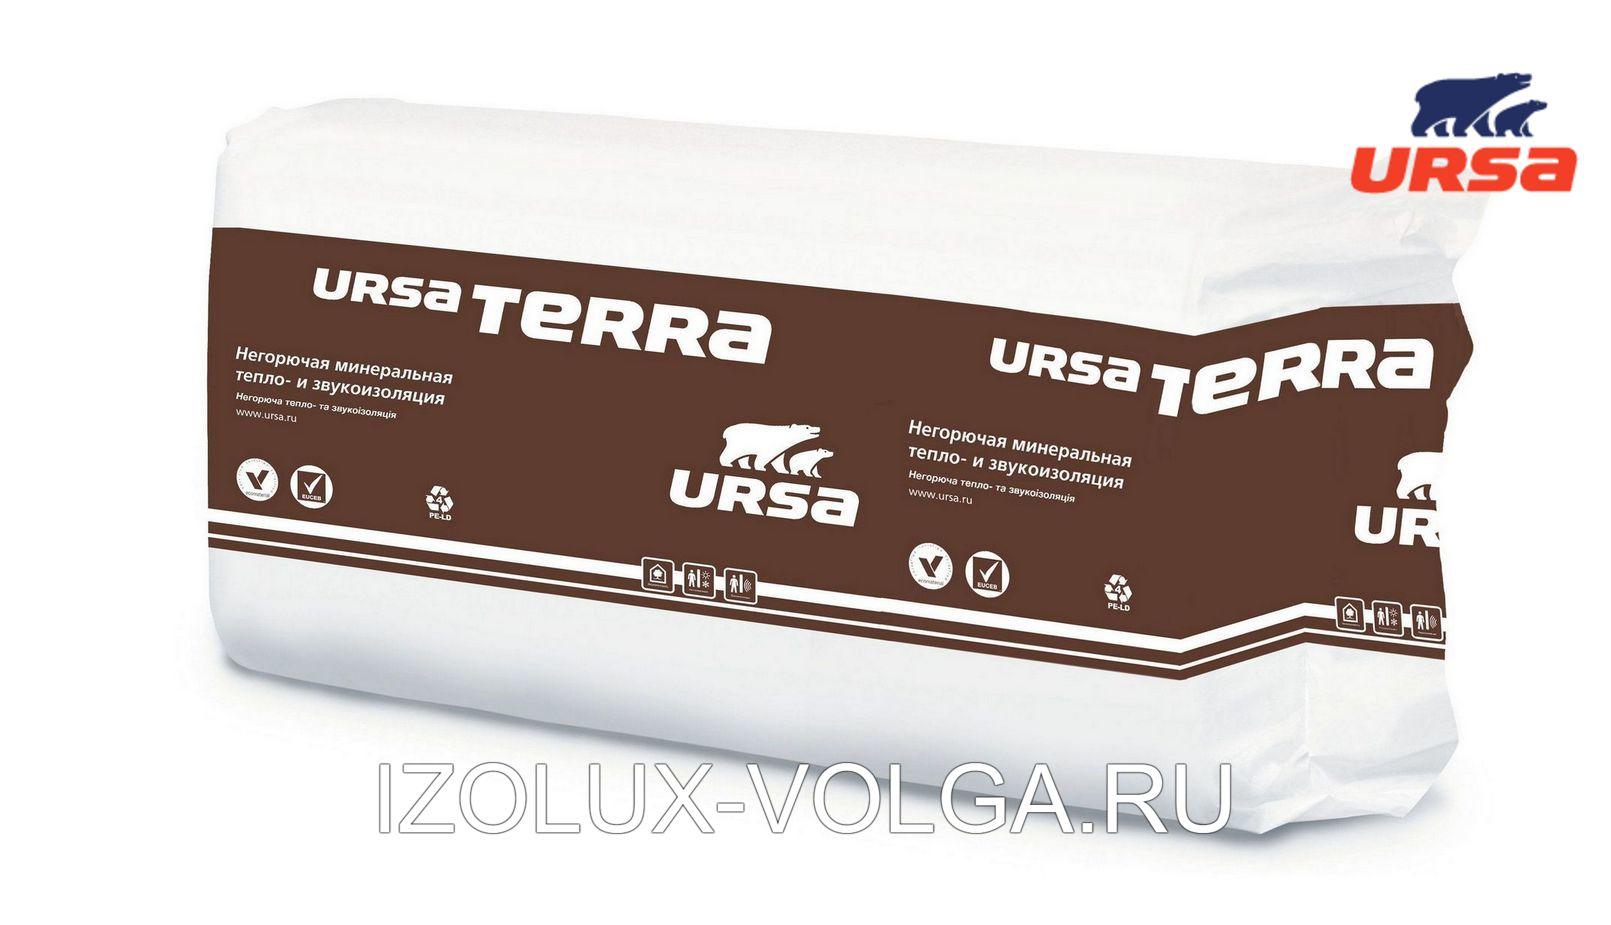 Утеплитель URSA TERRA 34 PN PRO 1250х610х50мм 24 плиты